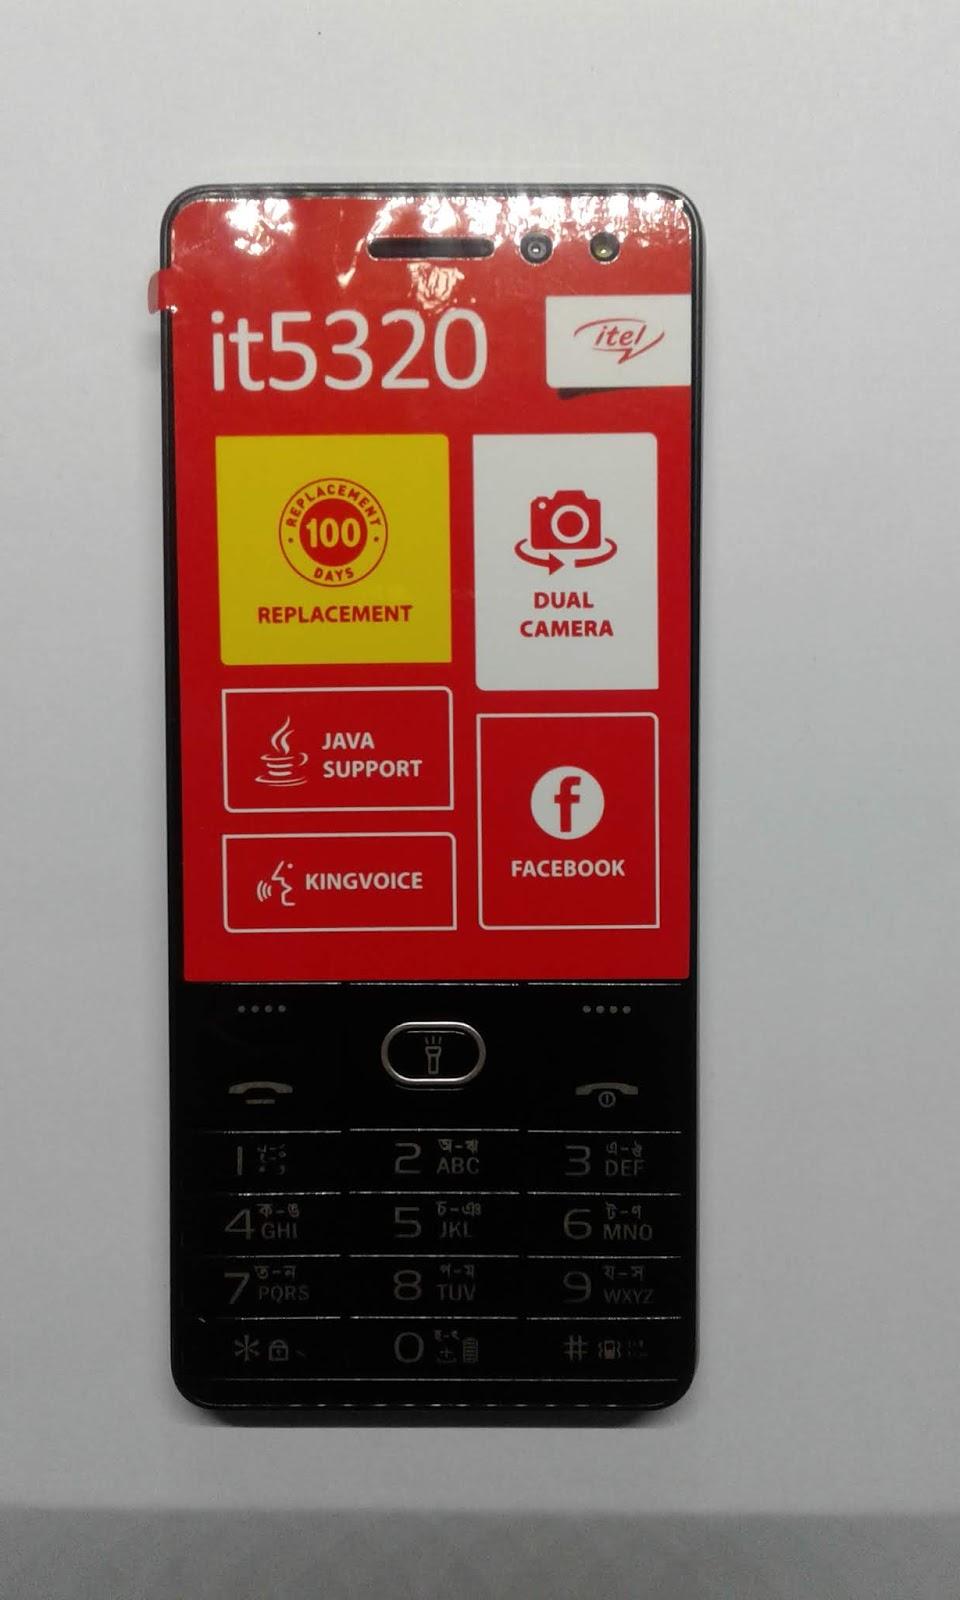 ITEL 5320 WALLPAPER